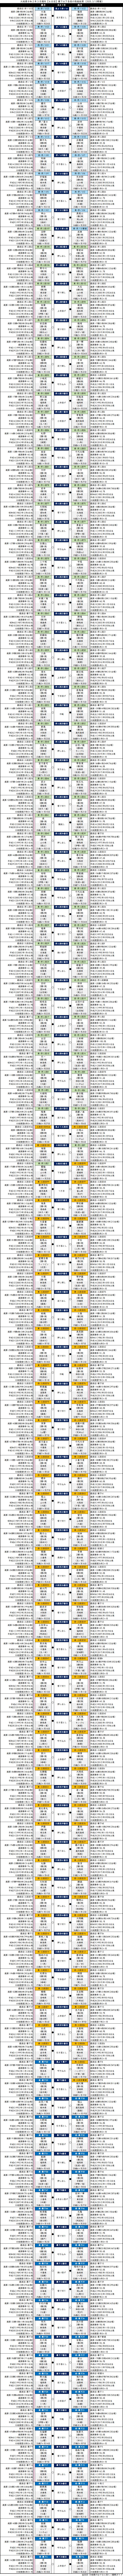 大相撲・2020年3月場所6日目・幕下以下の取組結果